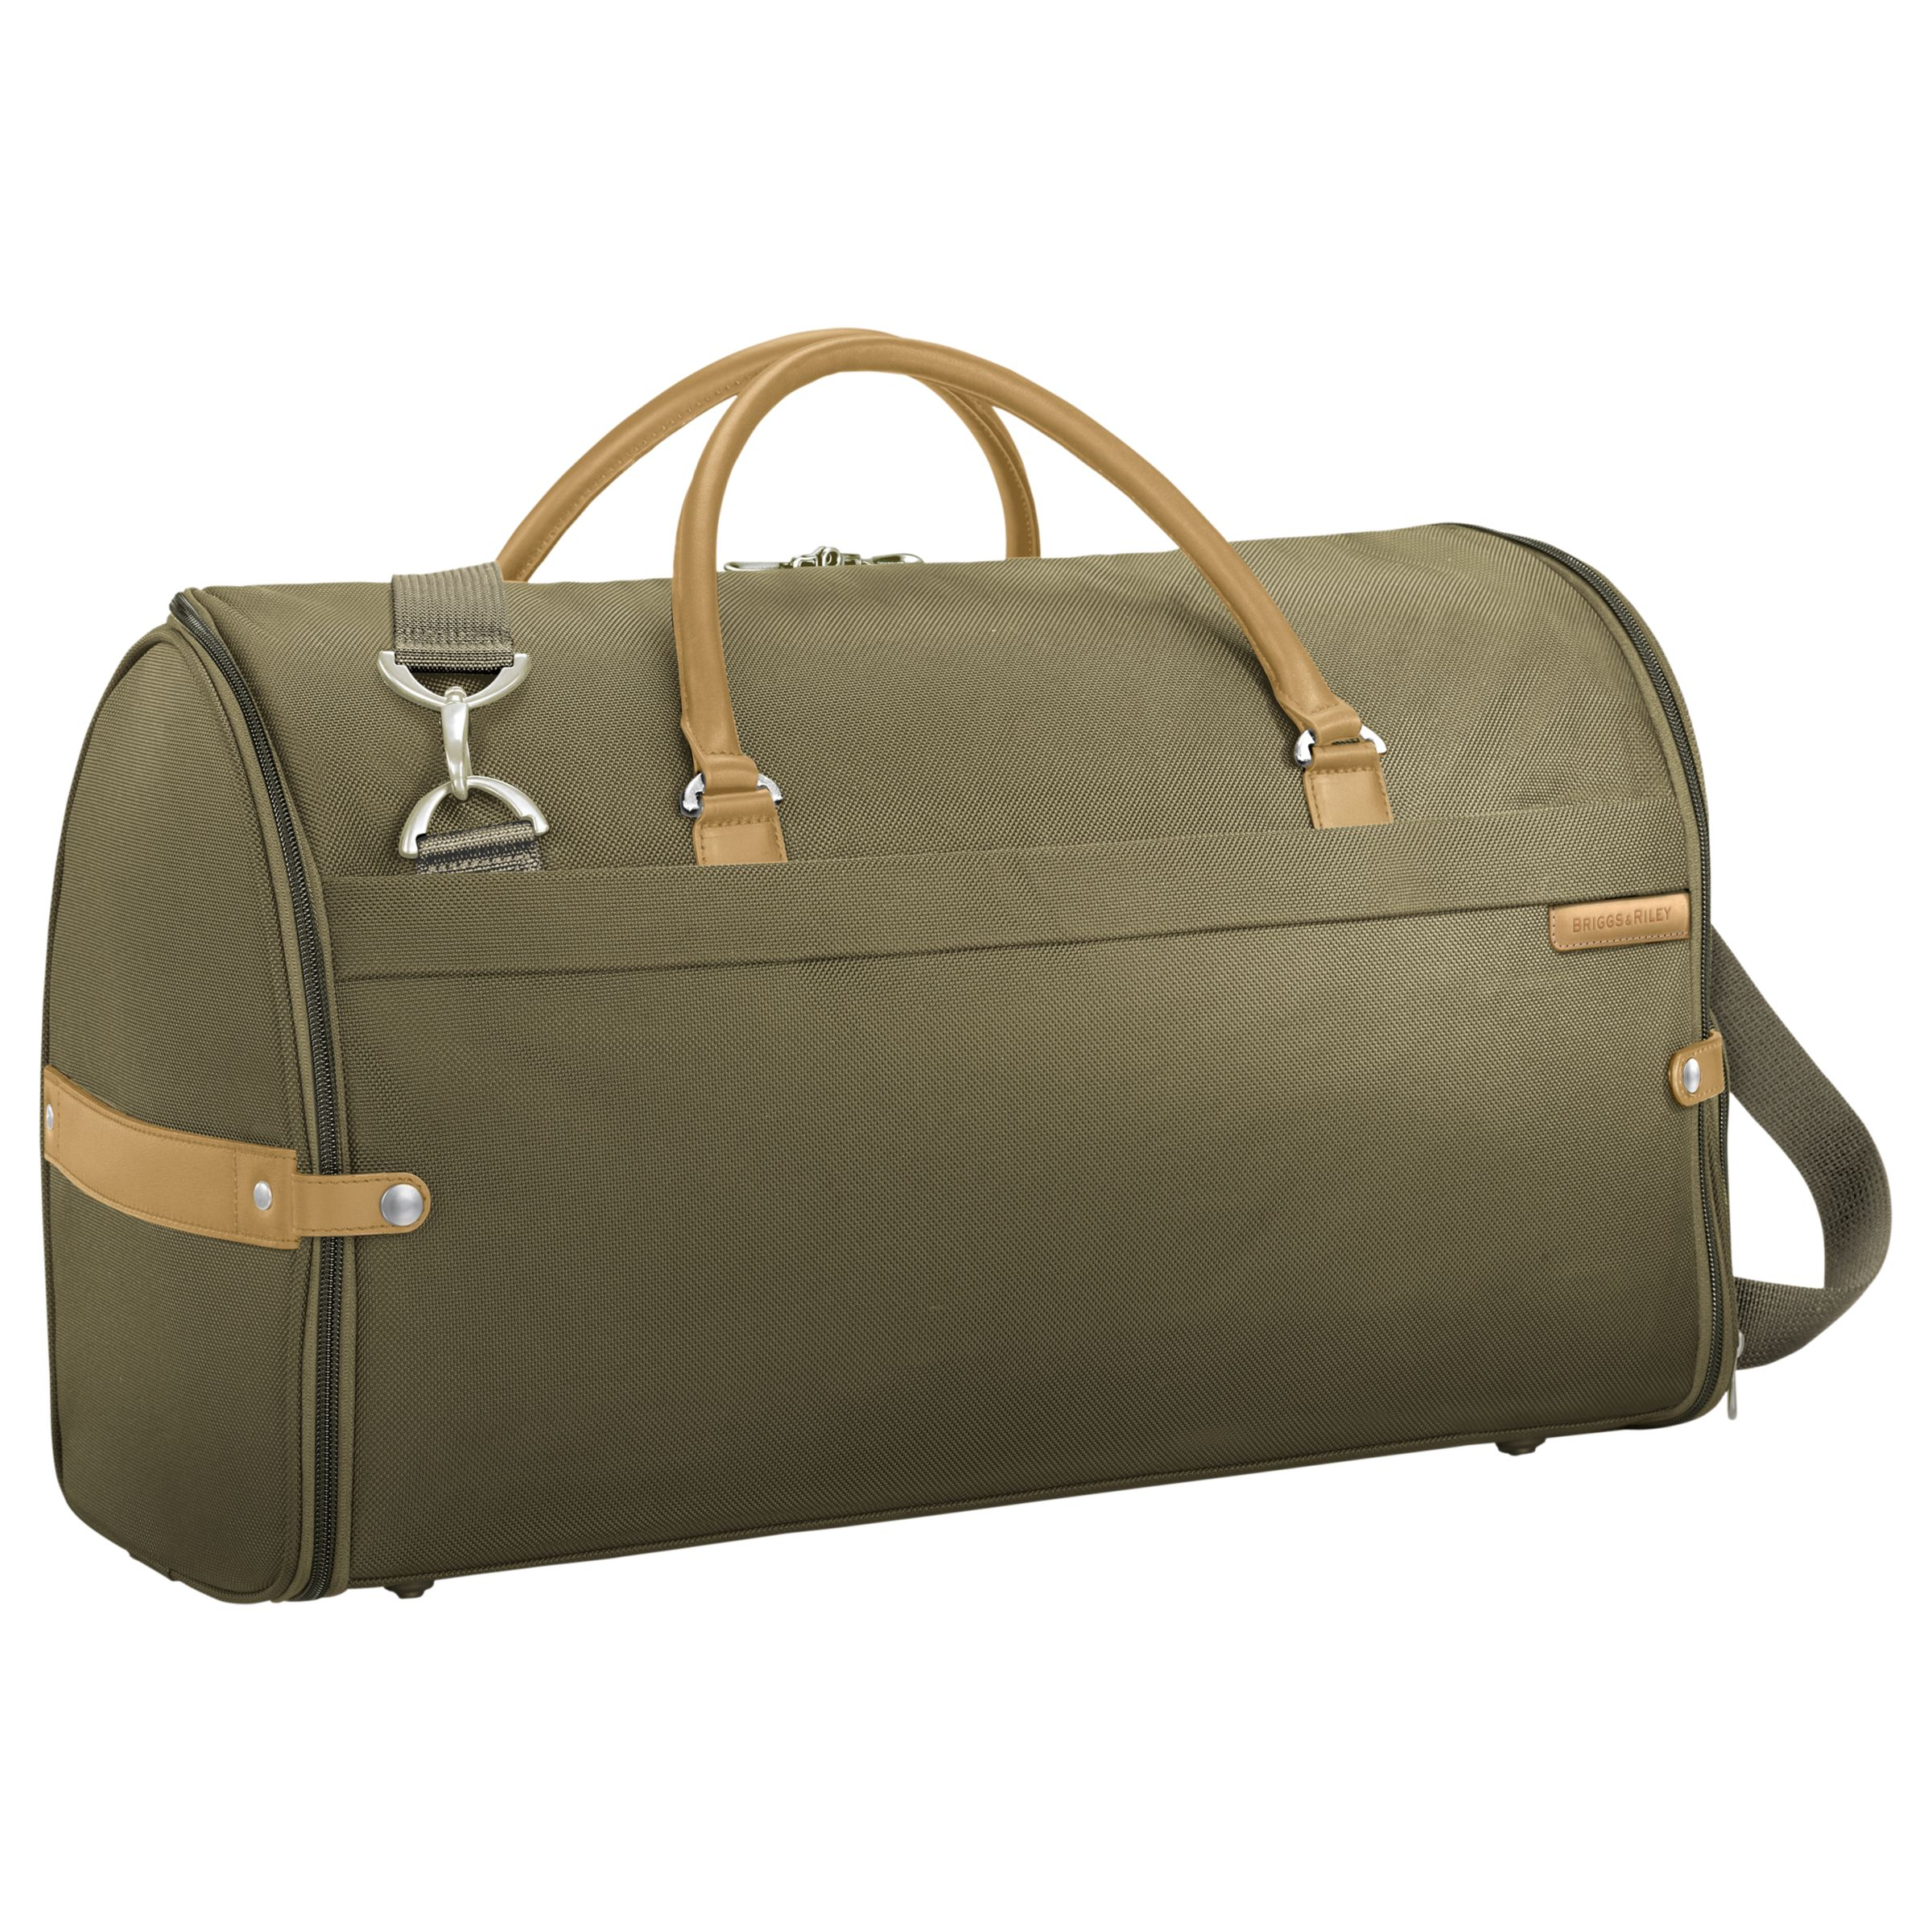 Briggs & Riley Briggs & Riley Suiter Duffle Bag